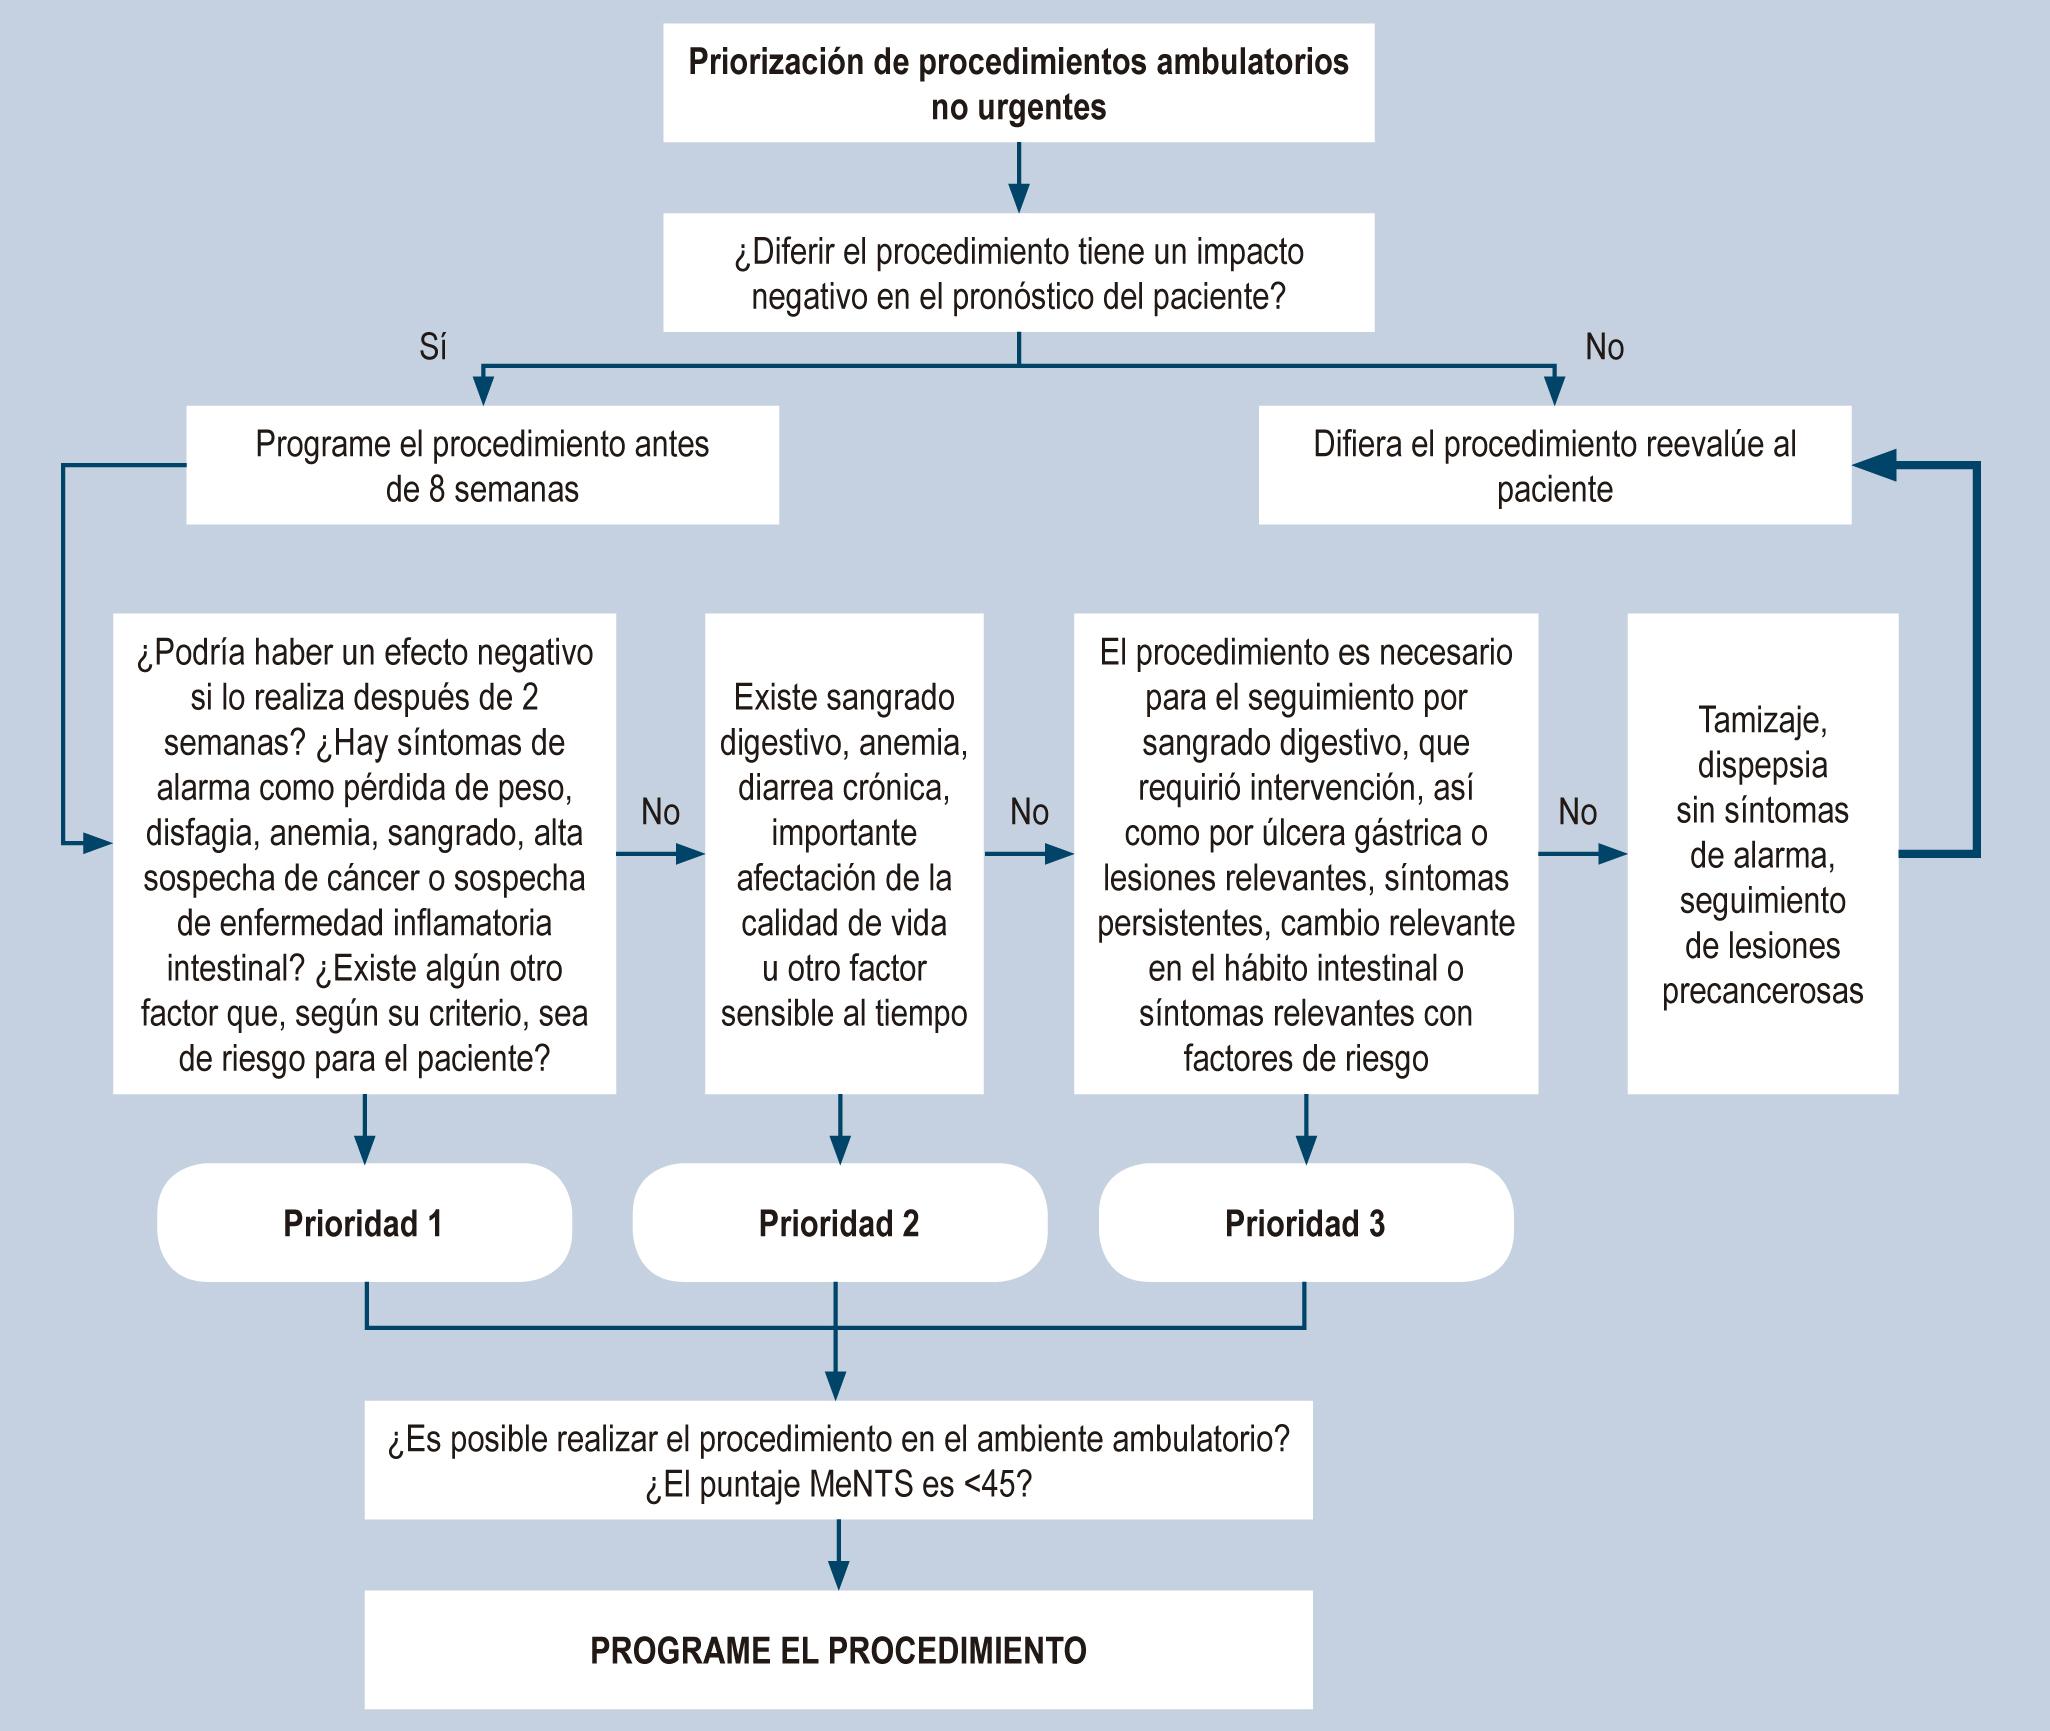 Figura 1. Flujograma para la priorización de procedimientos endoscópicos durante la fase de mitigación y ascenso de la curva COVID-19. La decisión de programar o no un procedimiento recae en la juiciosa evaluación clínica y en la determinación de la pertinencia del estudio durante el período de pandemia.